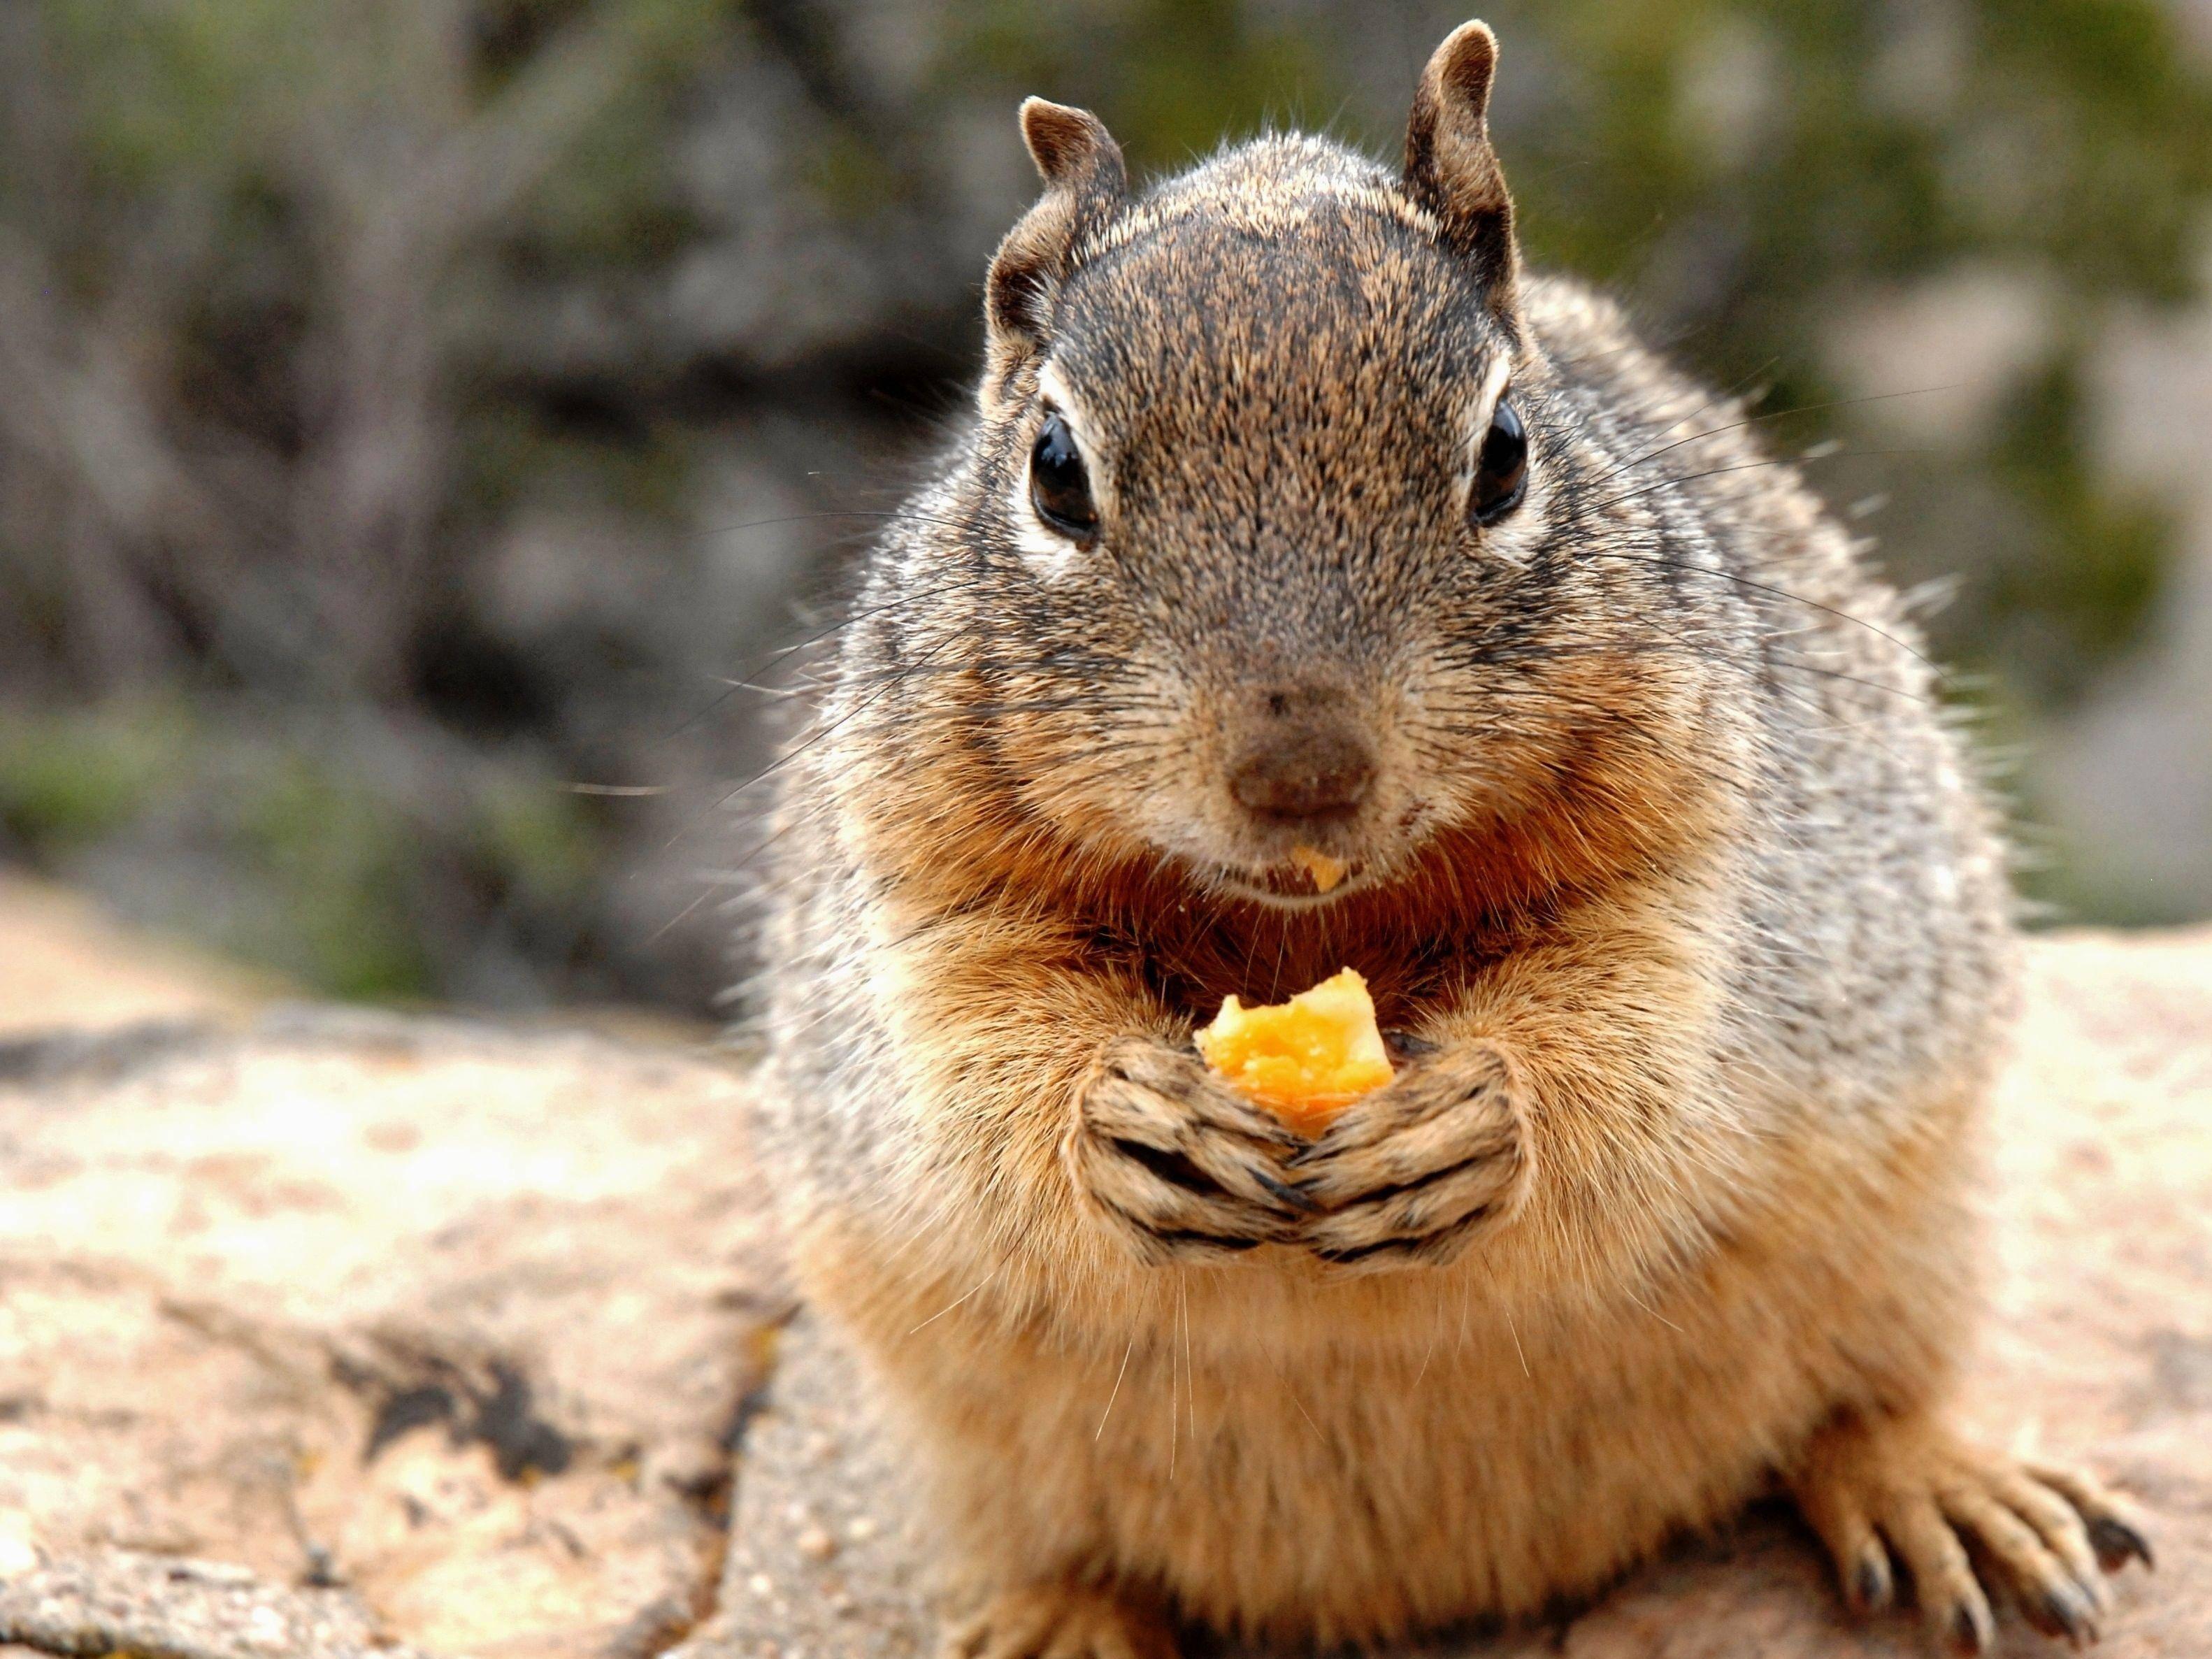 Lecker! Hörnchen mit einem Stück Käse — Bild: Shutterstock / Lissandra Melo